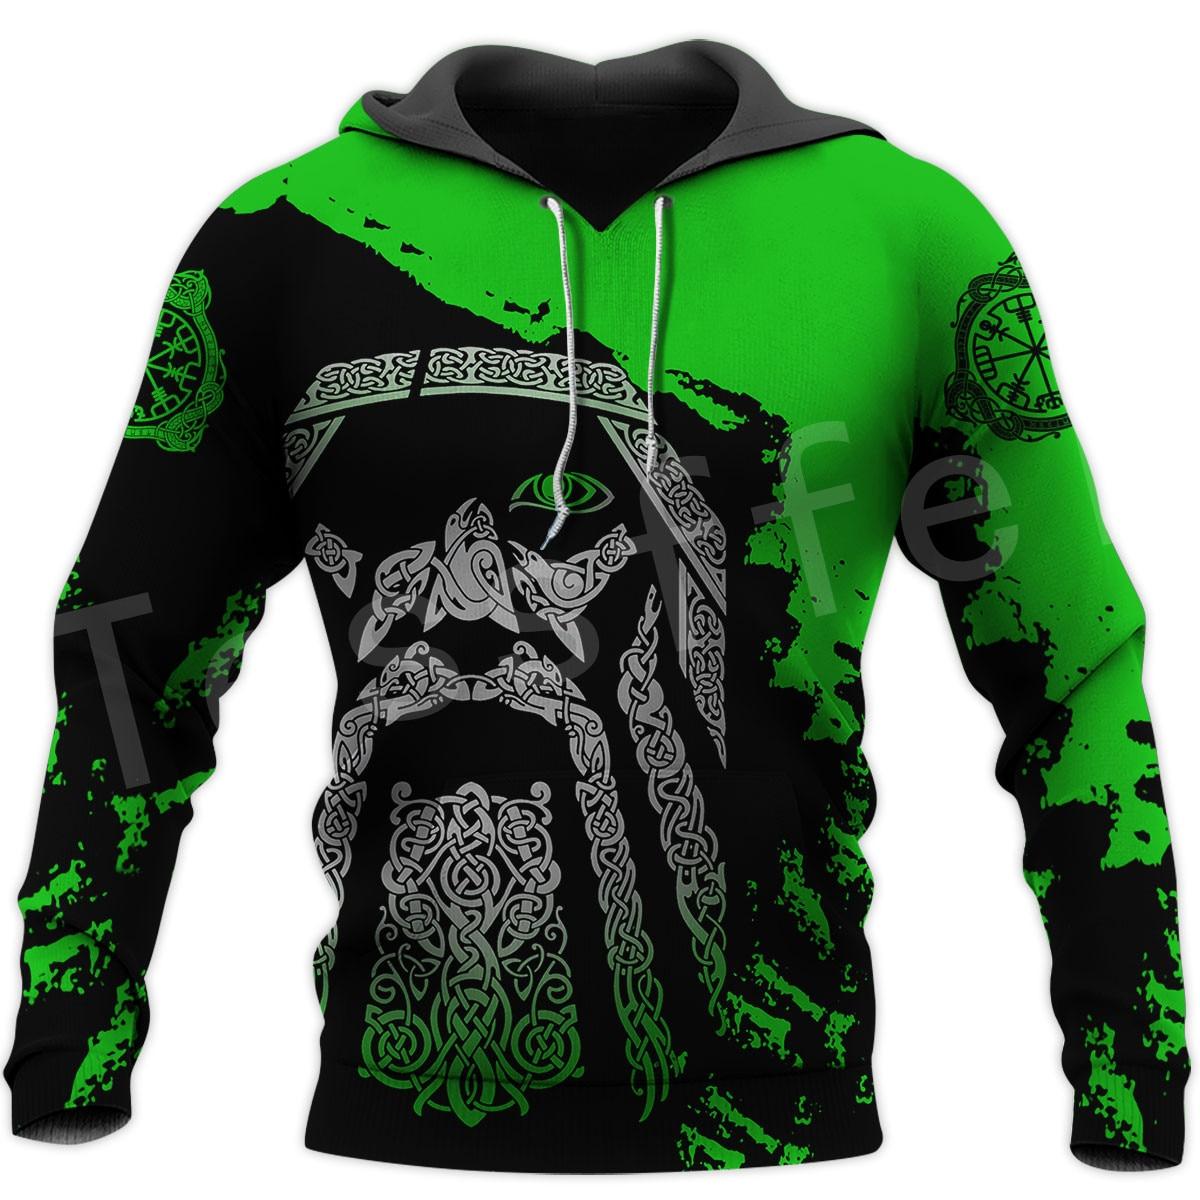 Tessffel Viking Tattoo Viking Warriors Legend New Fashion Trucksuit 3DPrint Funny Unisex Zipper/Sweatshirts/Hoodies/Jacket C-17